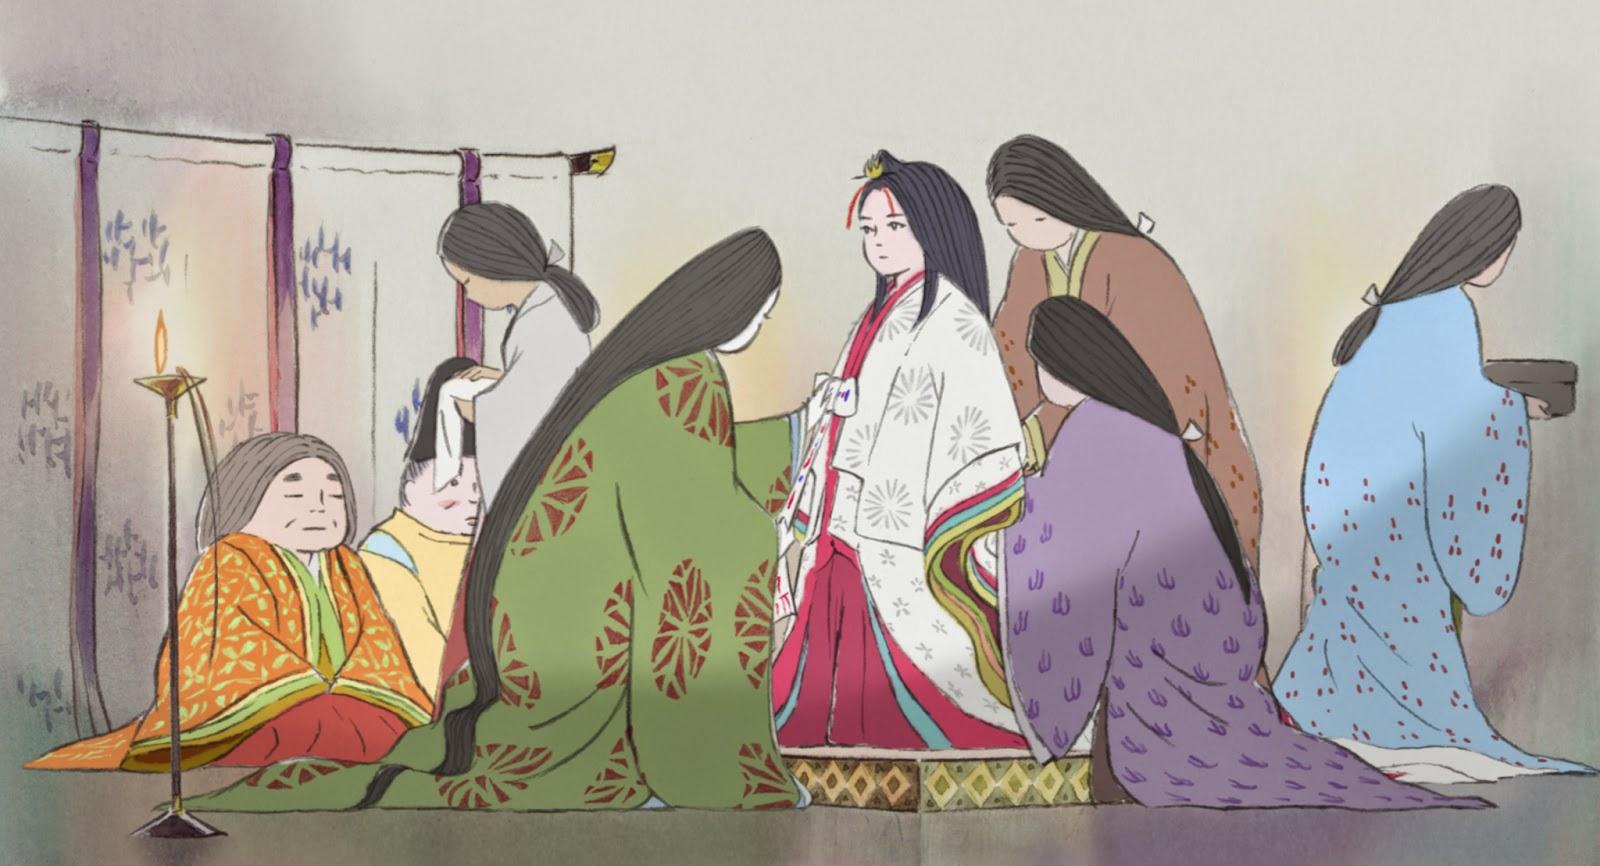 Photos: The Tale of the Princess Kaguya